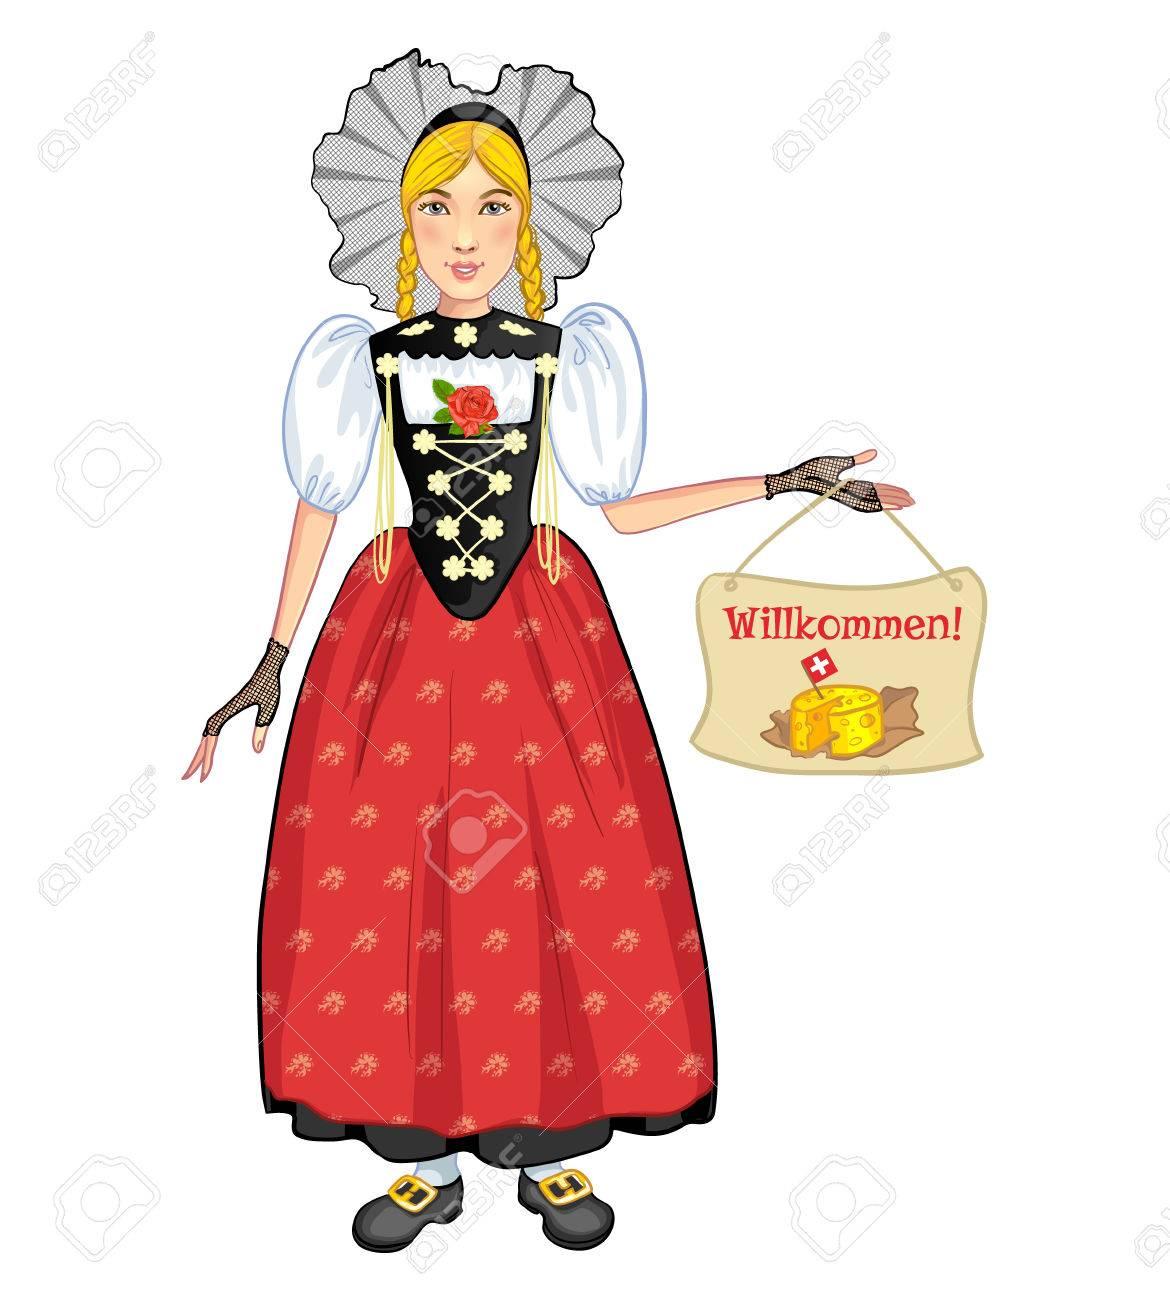 BerneAccueille Région Suisse De Dessinée Costume Bande Femme Jeune SuisseLa En National c54Rq3jLA